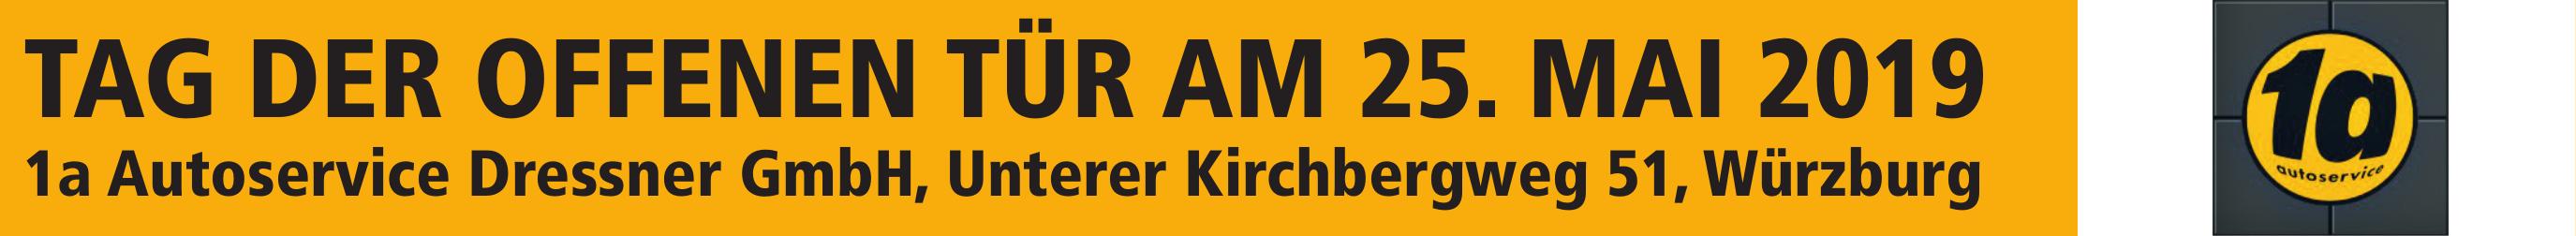 1a Autoservice Dressner GmbH, Unterer Kirchbergweg 51, Würzburg Image 1